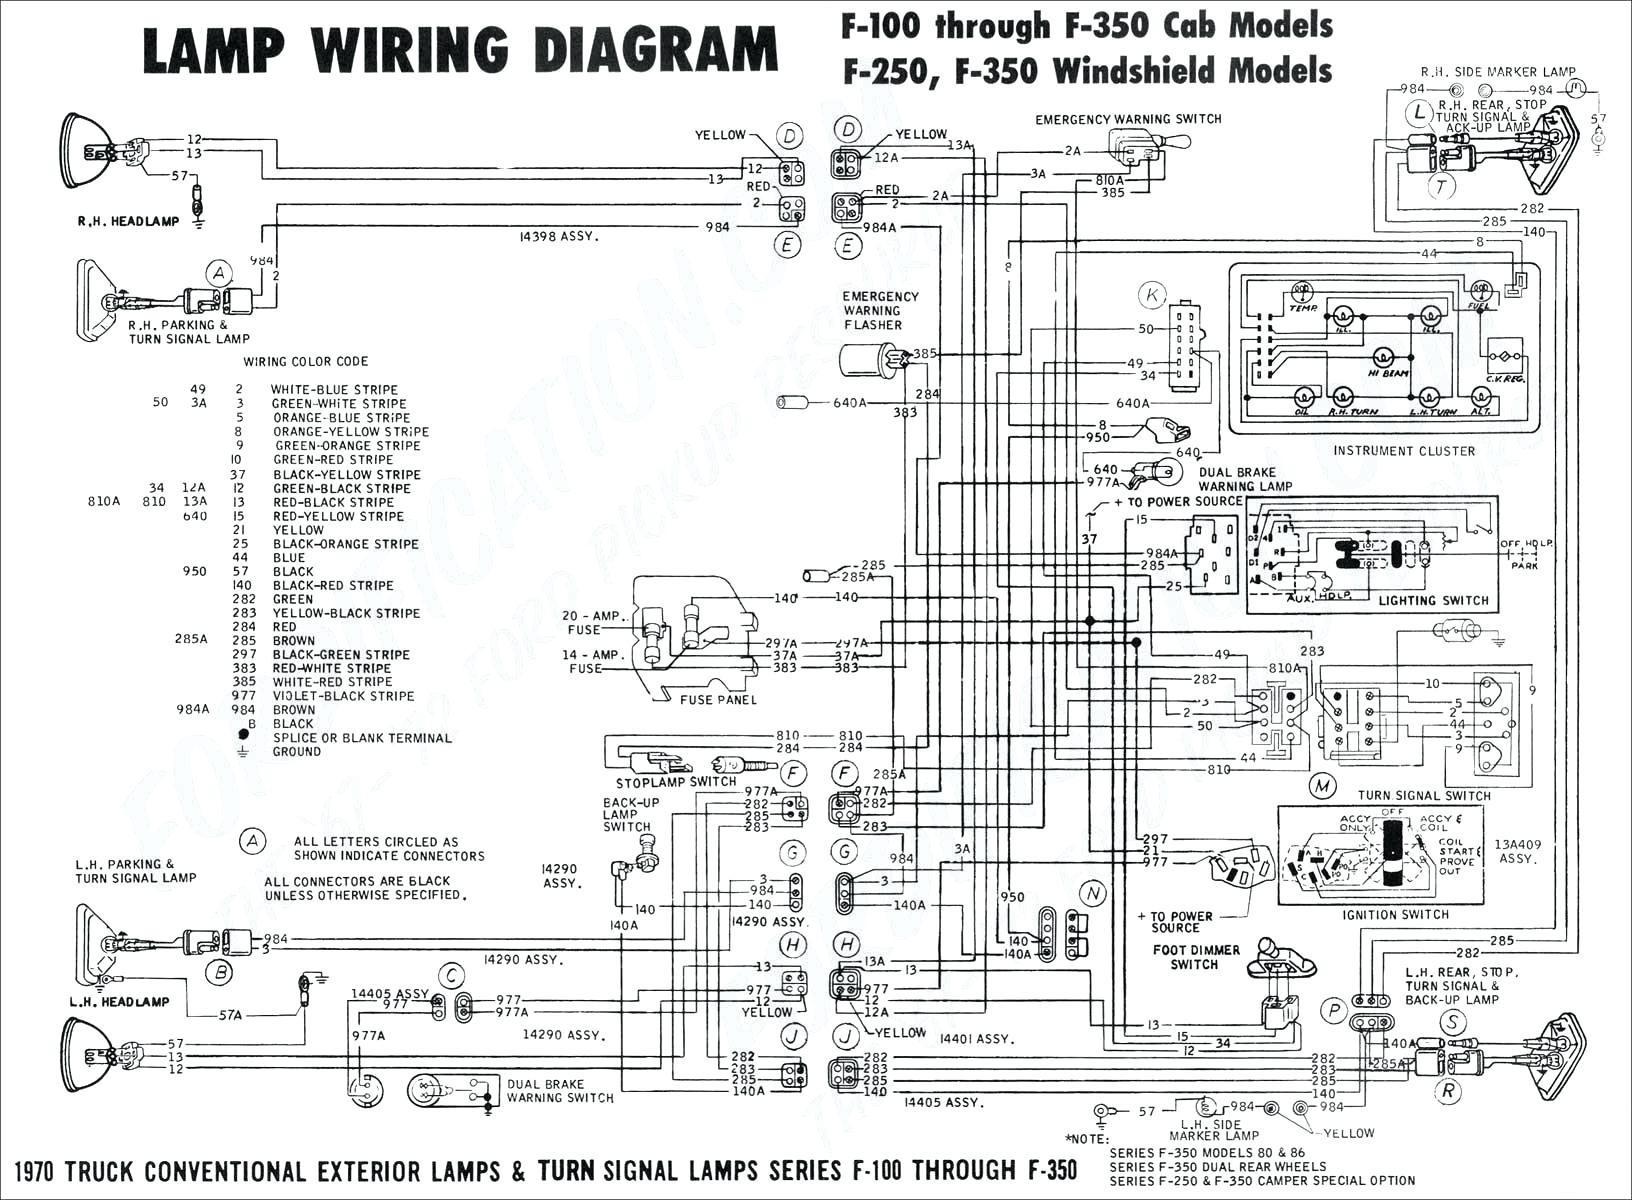 Turn Signal Brake Light Wiring Diagram Wiring Diagram for Indicator Lights Awesome Wiring Diagrams for Turn Of Turn Signal Brake Light Wiring Diagram